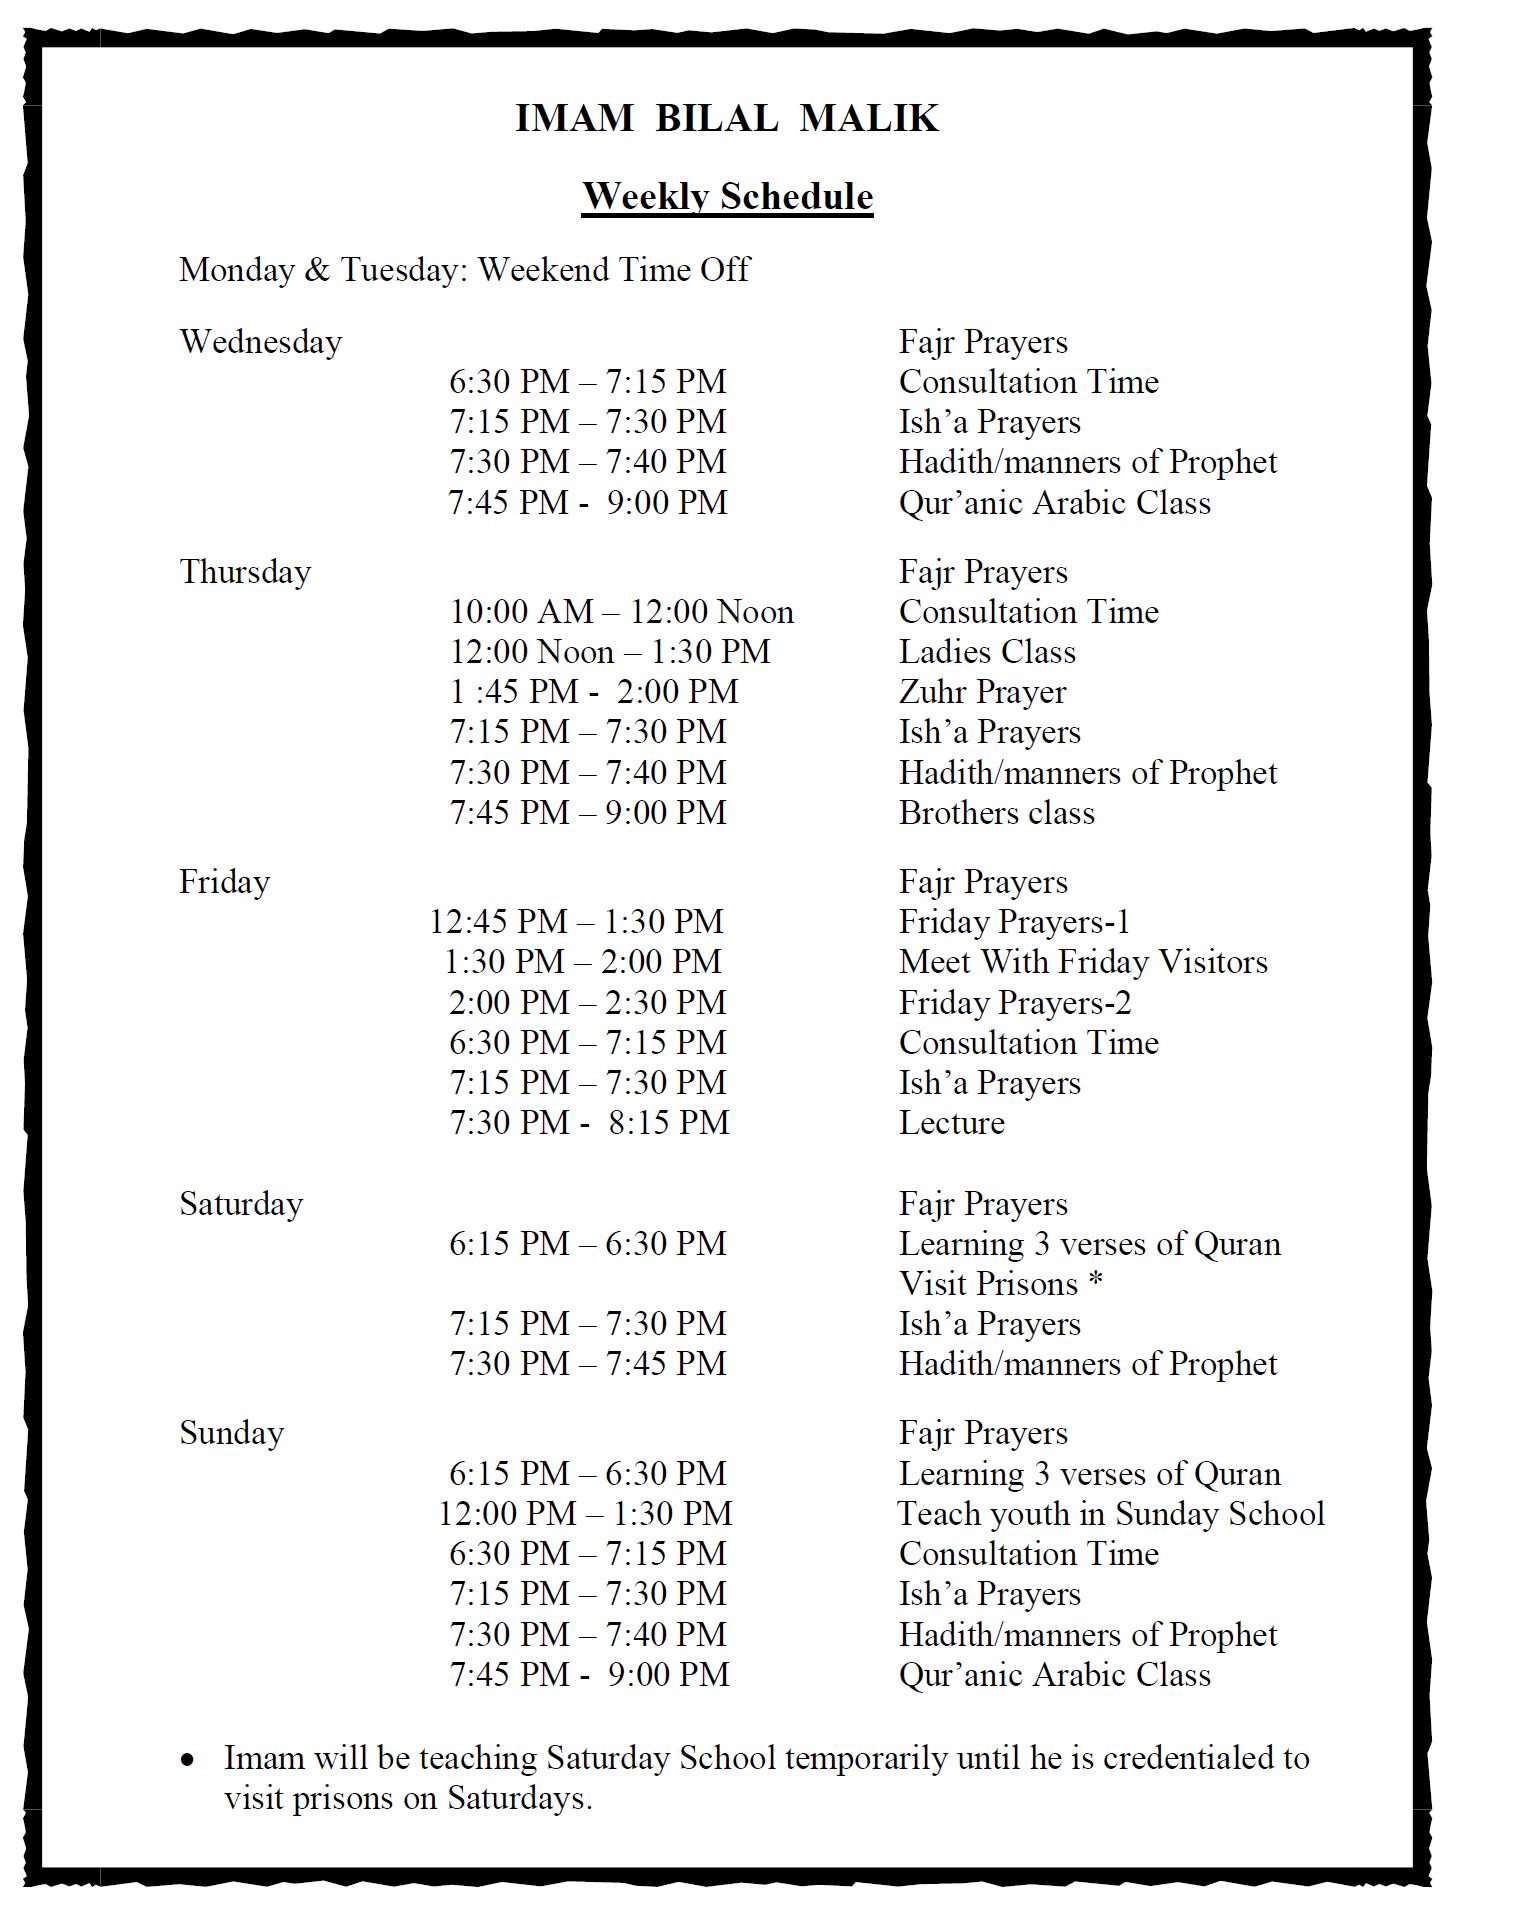 IMAM Hafez Muhammad Bilal Malik – Weekly Schedule – ICNEF